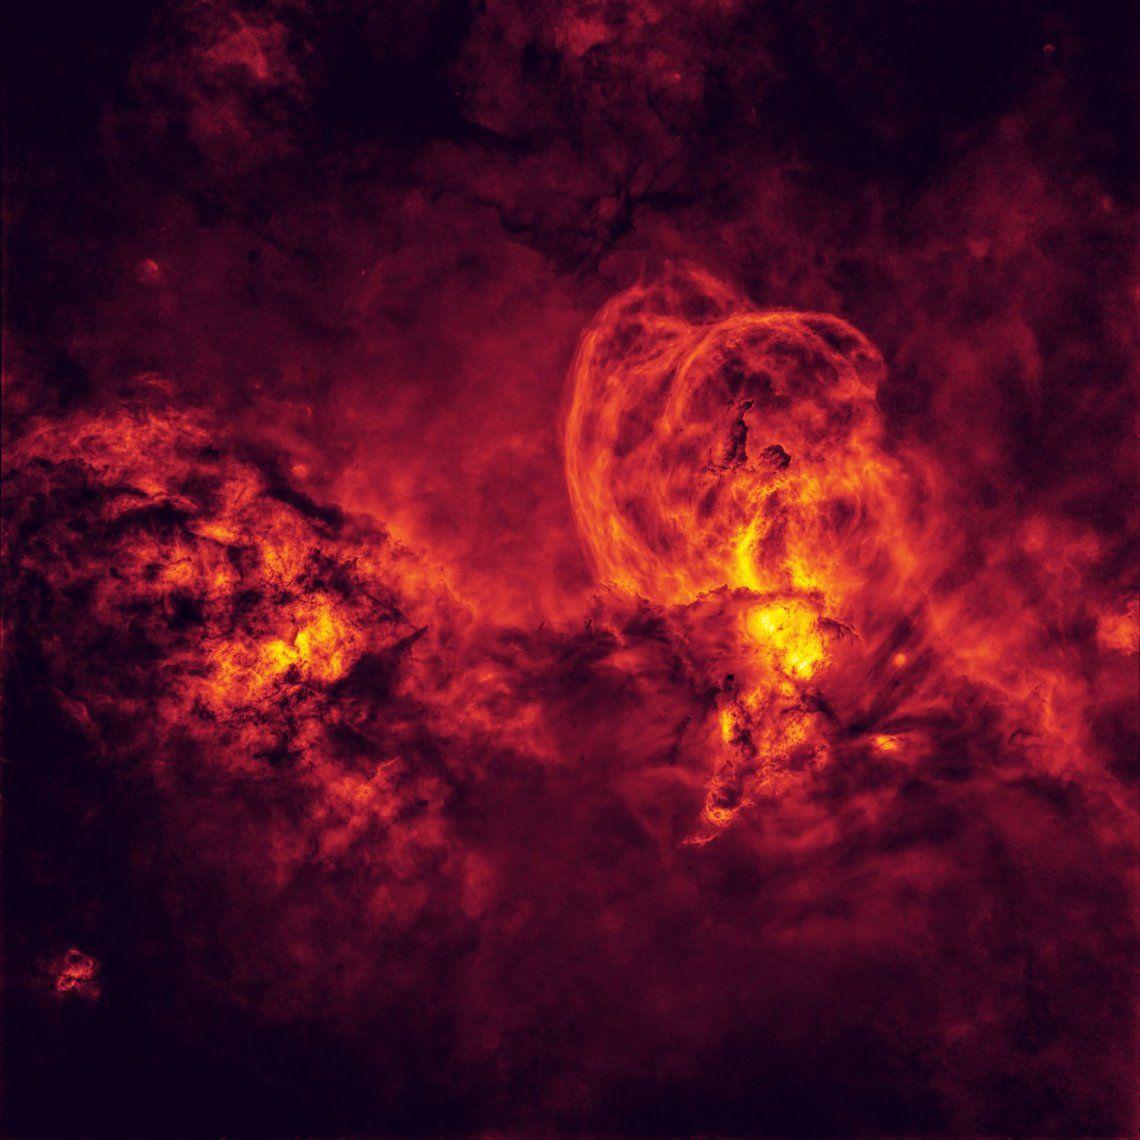 Ganador categoría estrellas y nebulosas: Cosmic Inferno de Peter Ward (Australia)